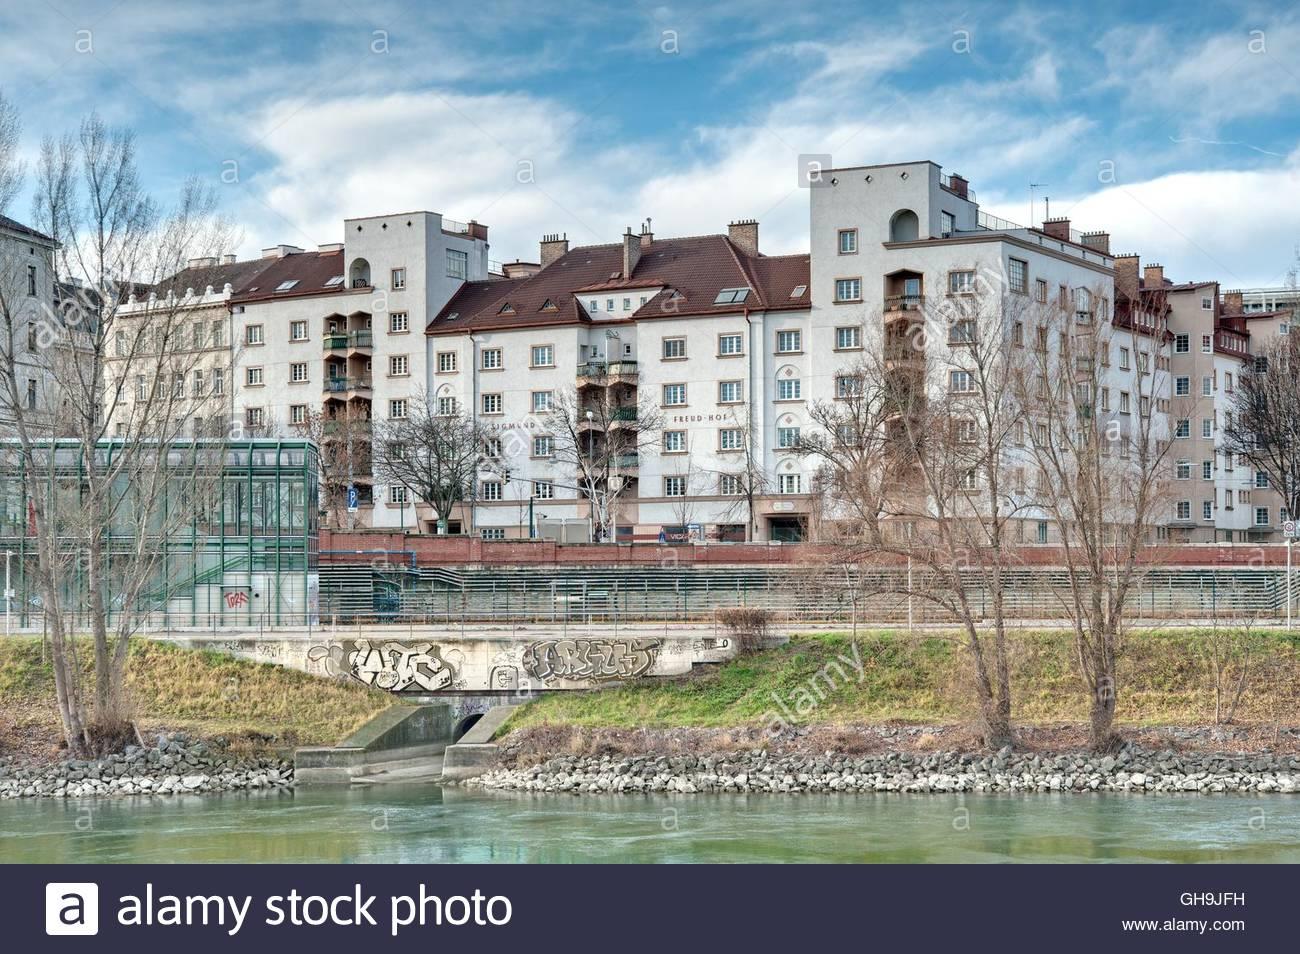 Wien, Gemeindebau des Roten Wien, Vienna, Council Tenement Block, Red Vienna, Sigmund Freud-Hof, Gussenbauergasse - Stock Image